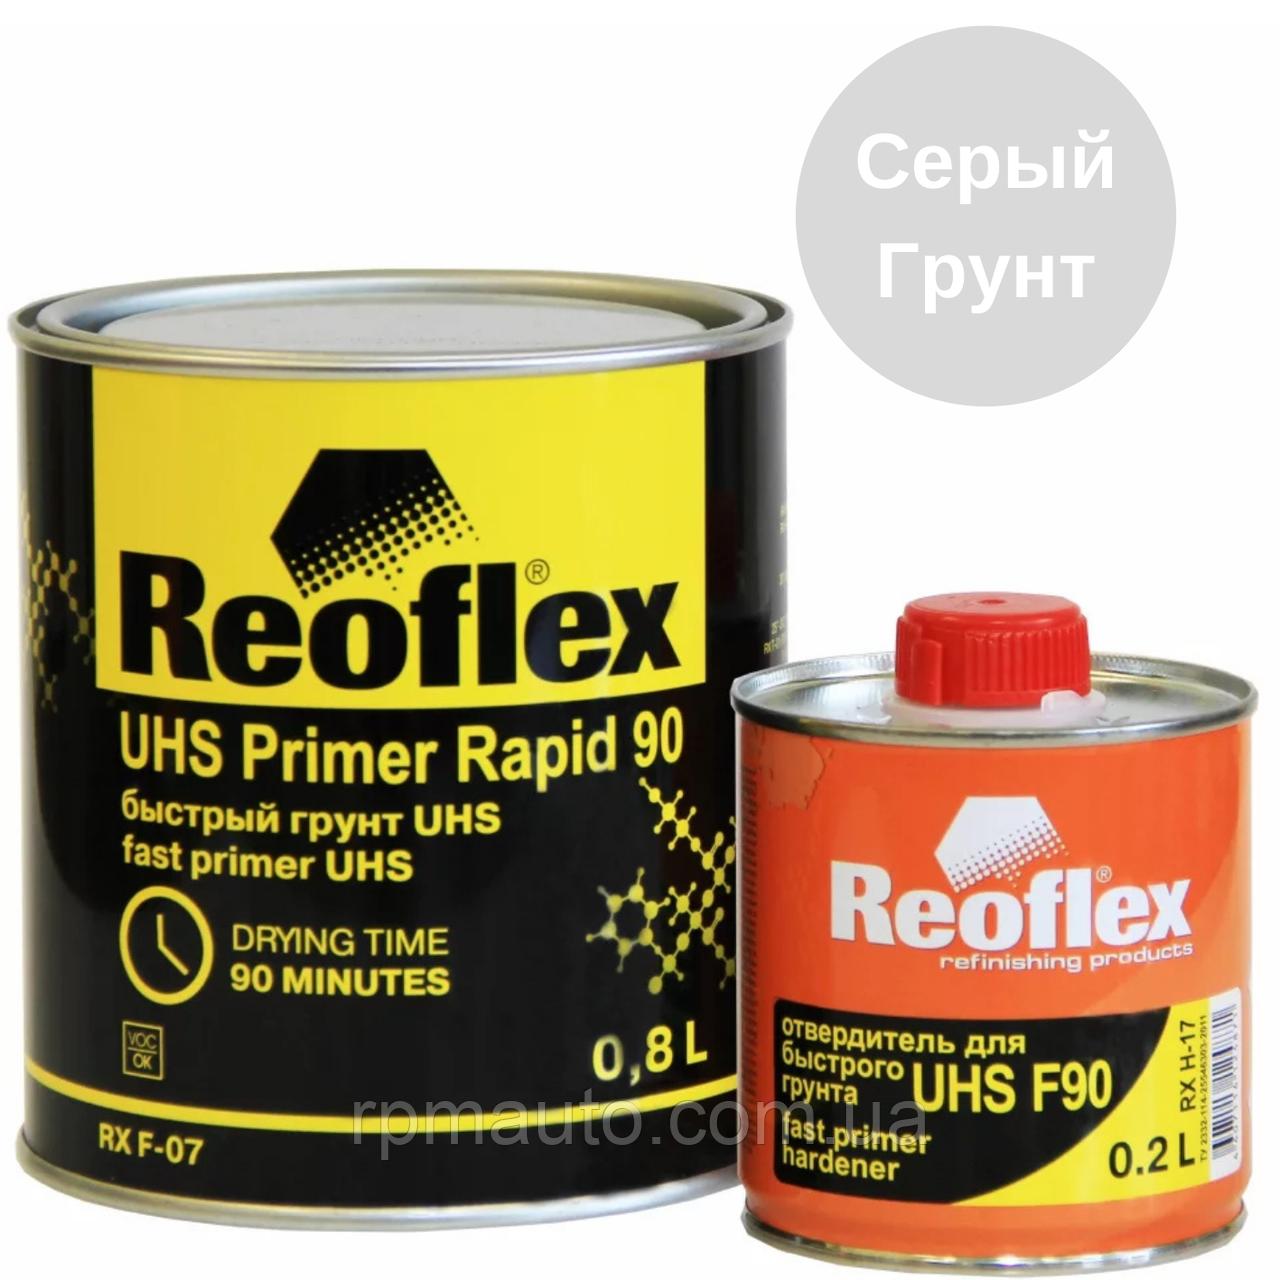 Грунт REOFLEX Primer Rapid 90 RX F-07 0,8 л Швидкий Акриловий 4+1 Світло-сірий з Затверджувачем 0.2 л